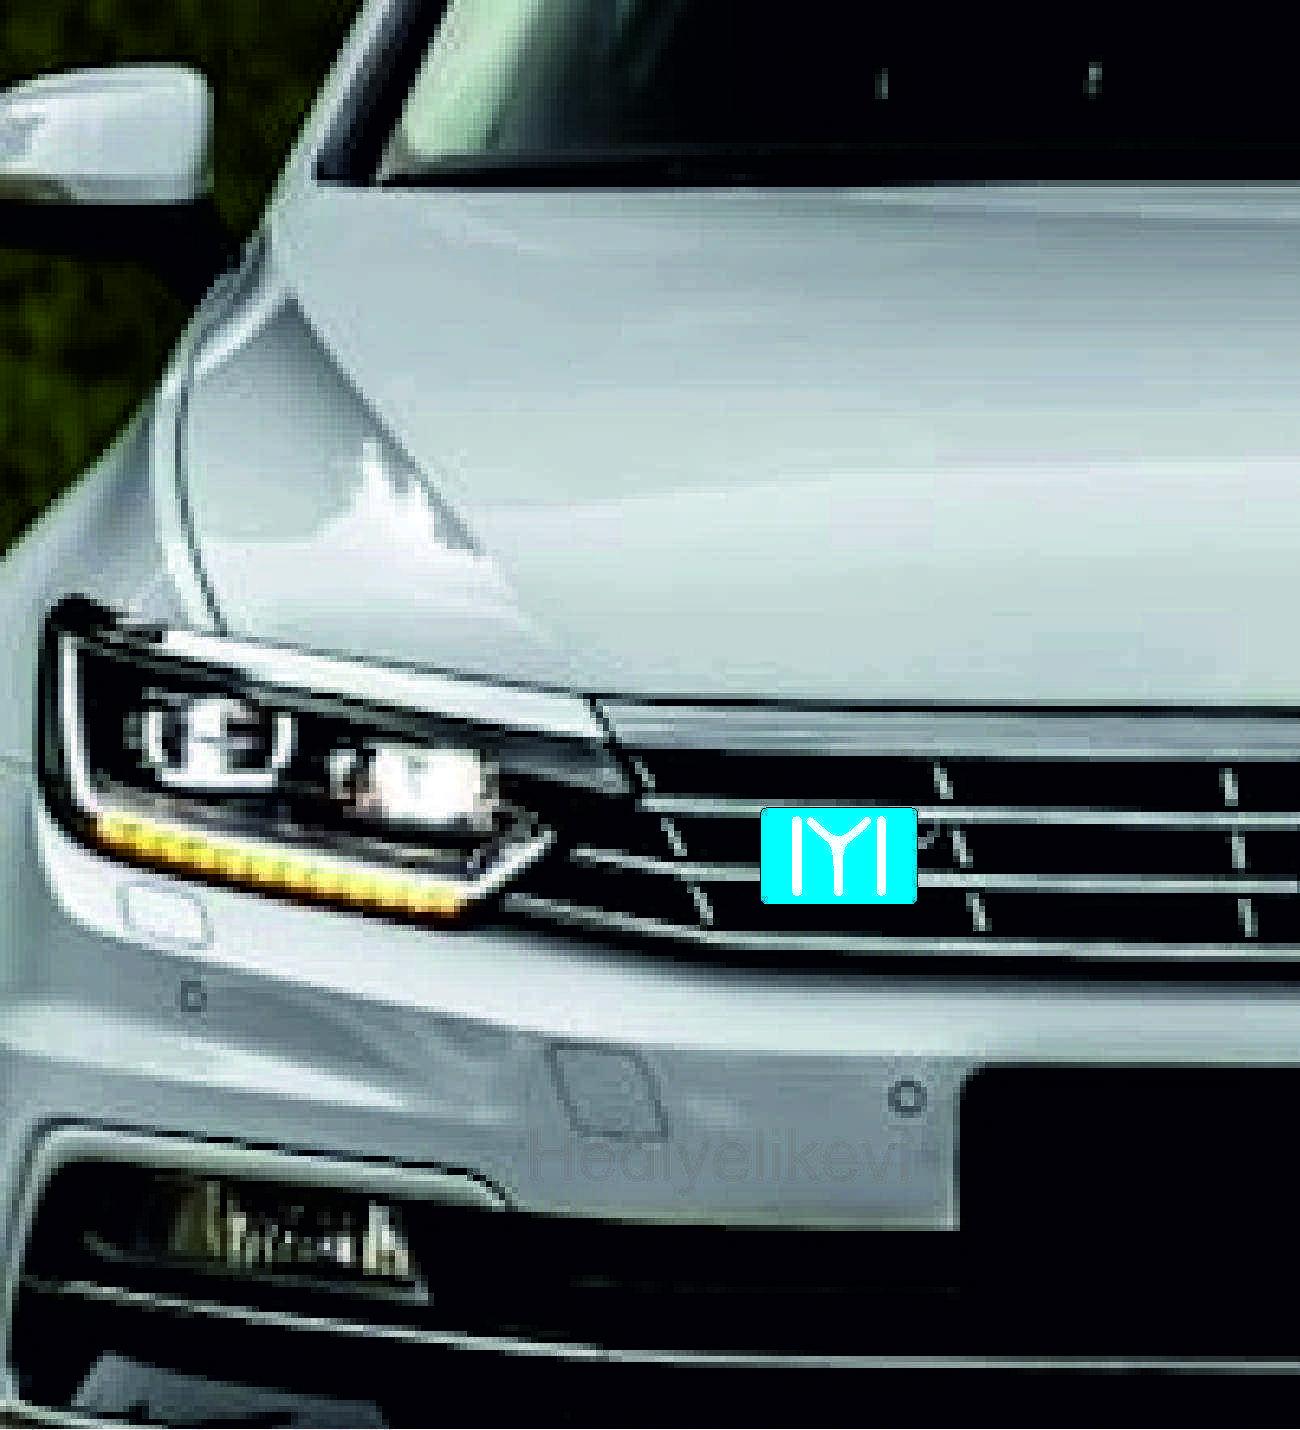 Araç Ön Panjur Logosu Panjur Arma Kayı Boyu logolu